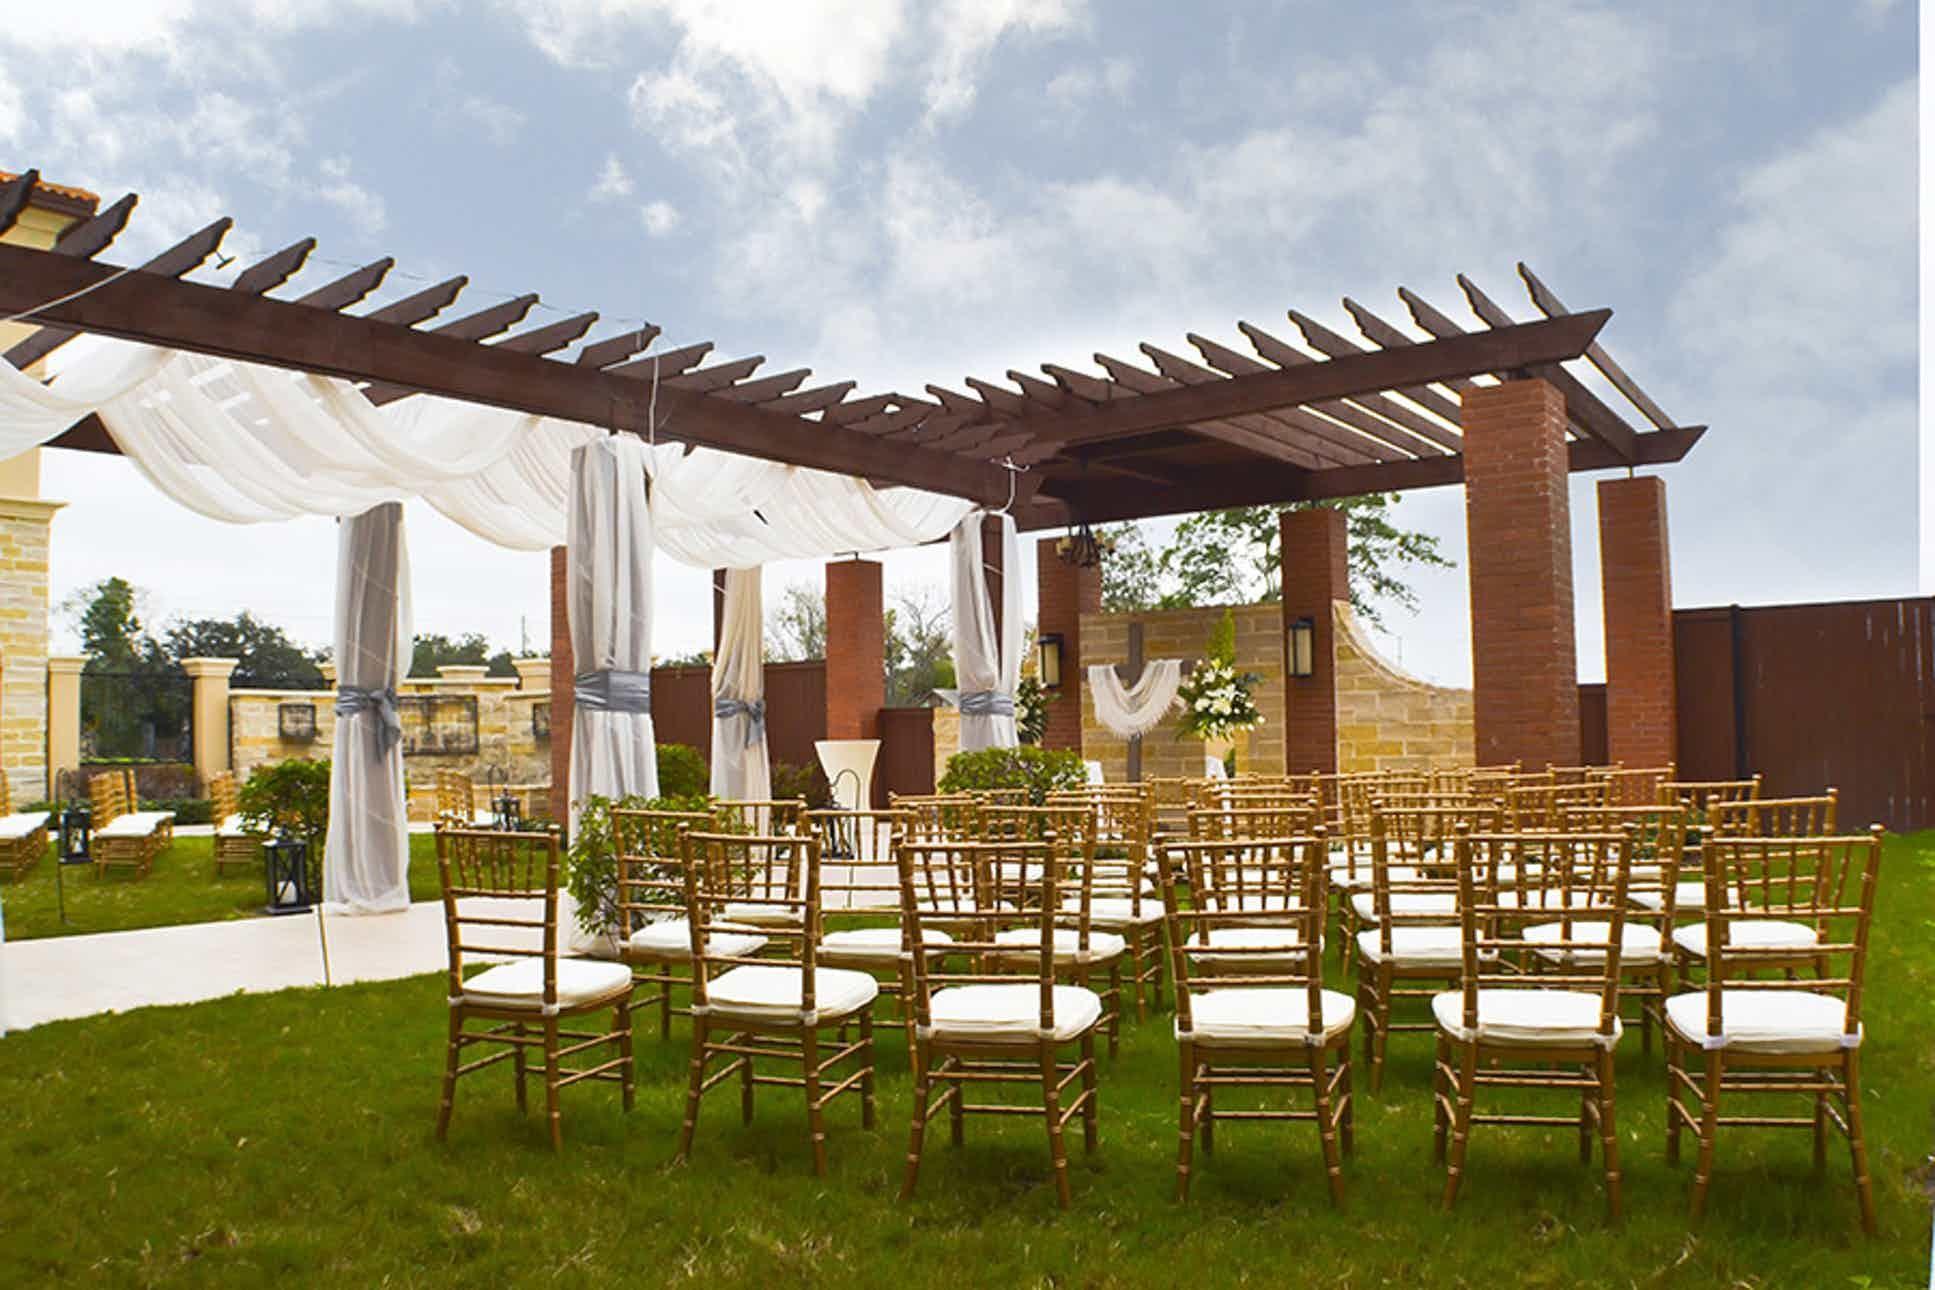 Valencia Event Center Wedding Venue McAllen TX 78503